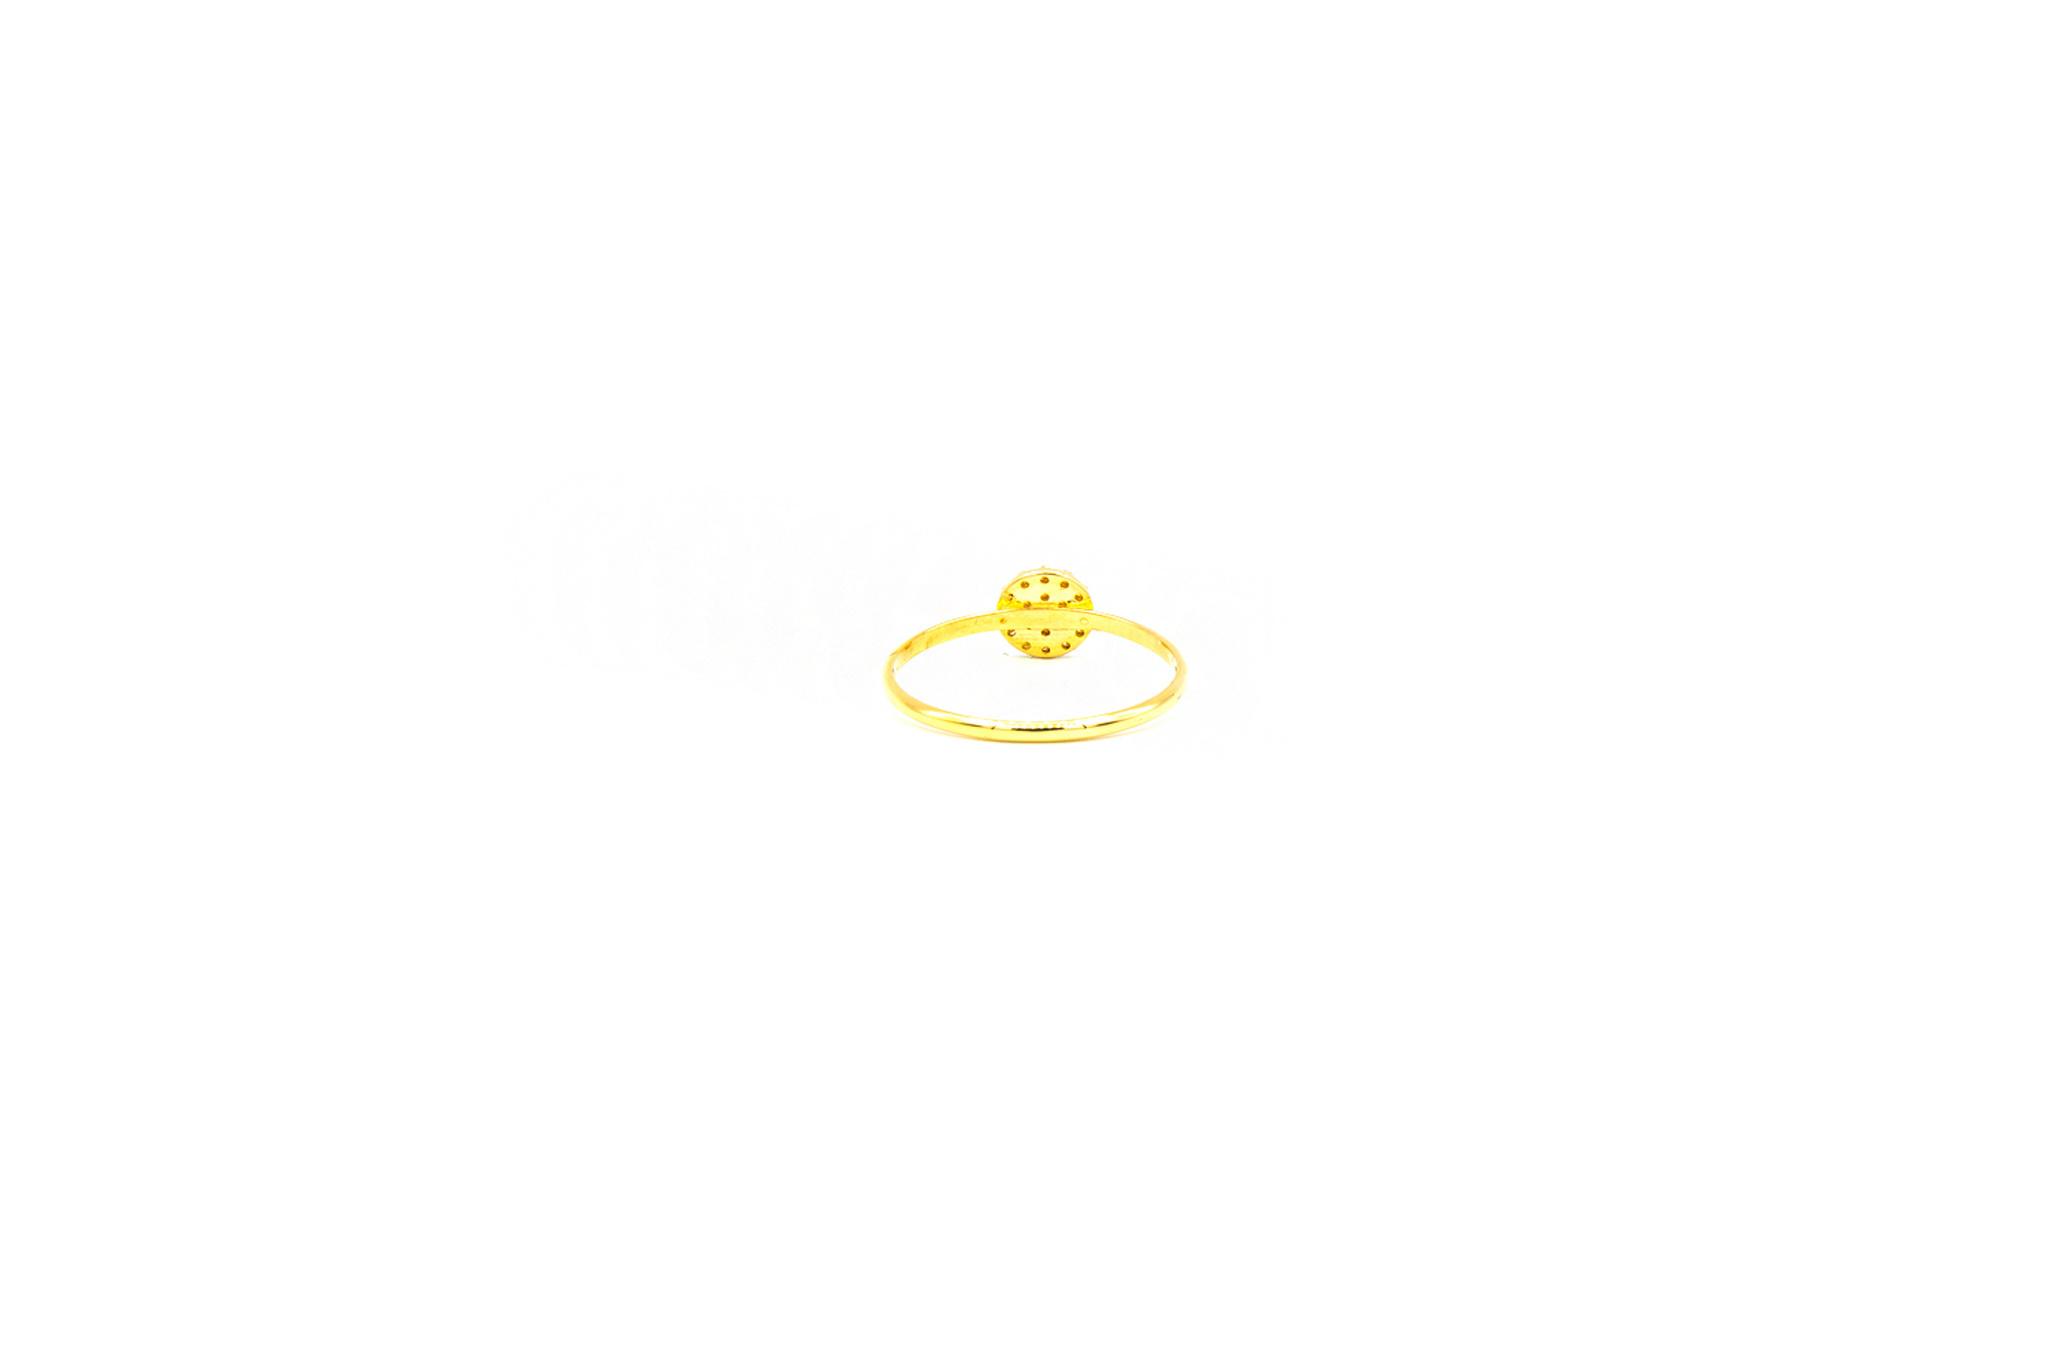 Ring ronde pavé bezet met zirkonia's small-4